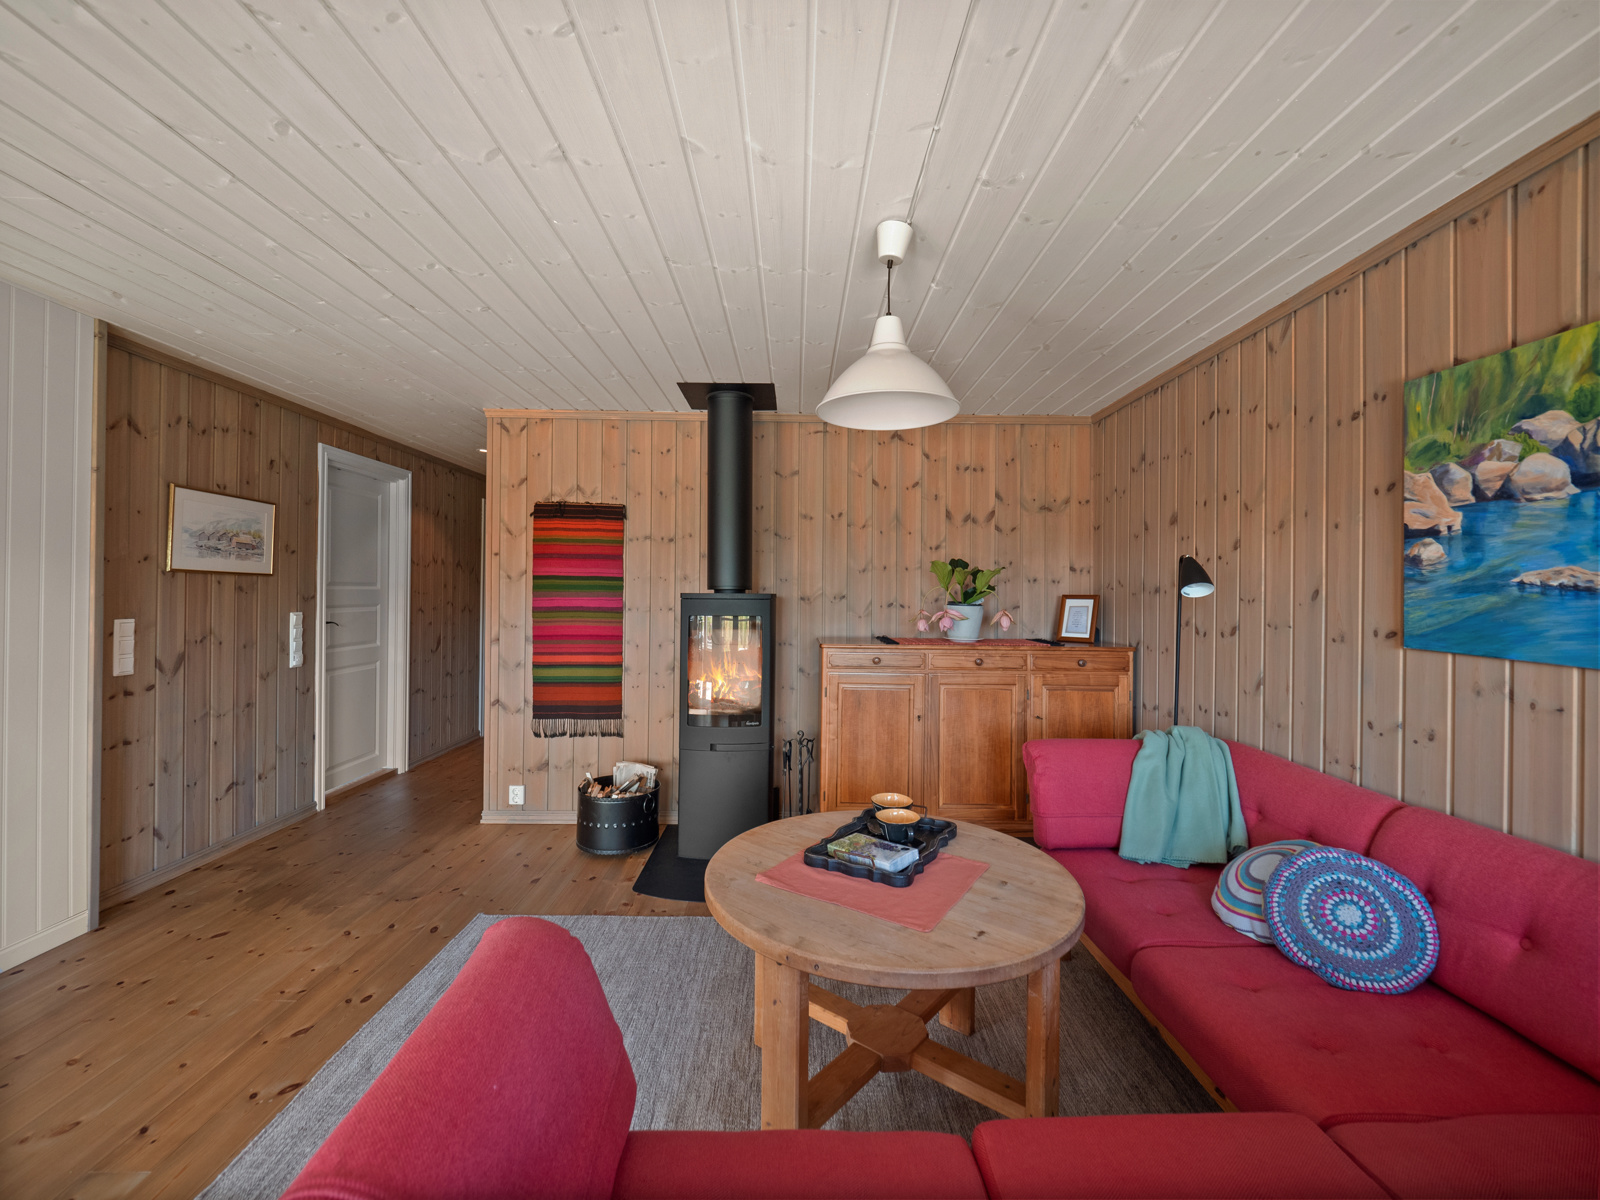 Hyggelig stue med tregulv, panel på vegger og i himling